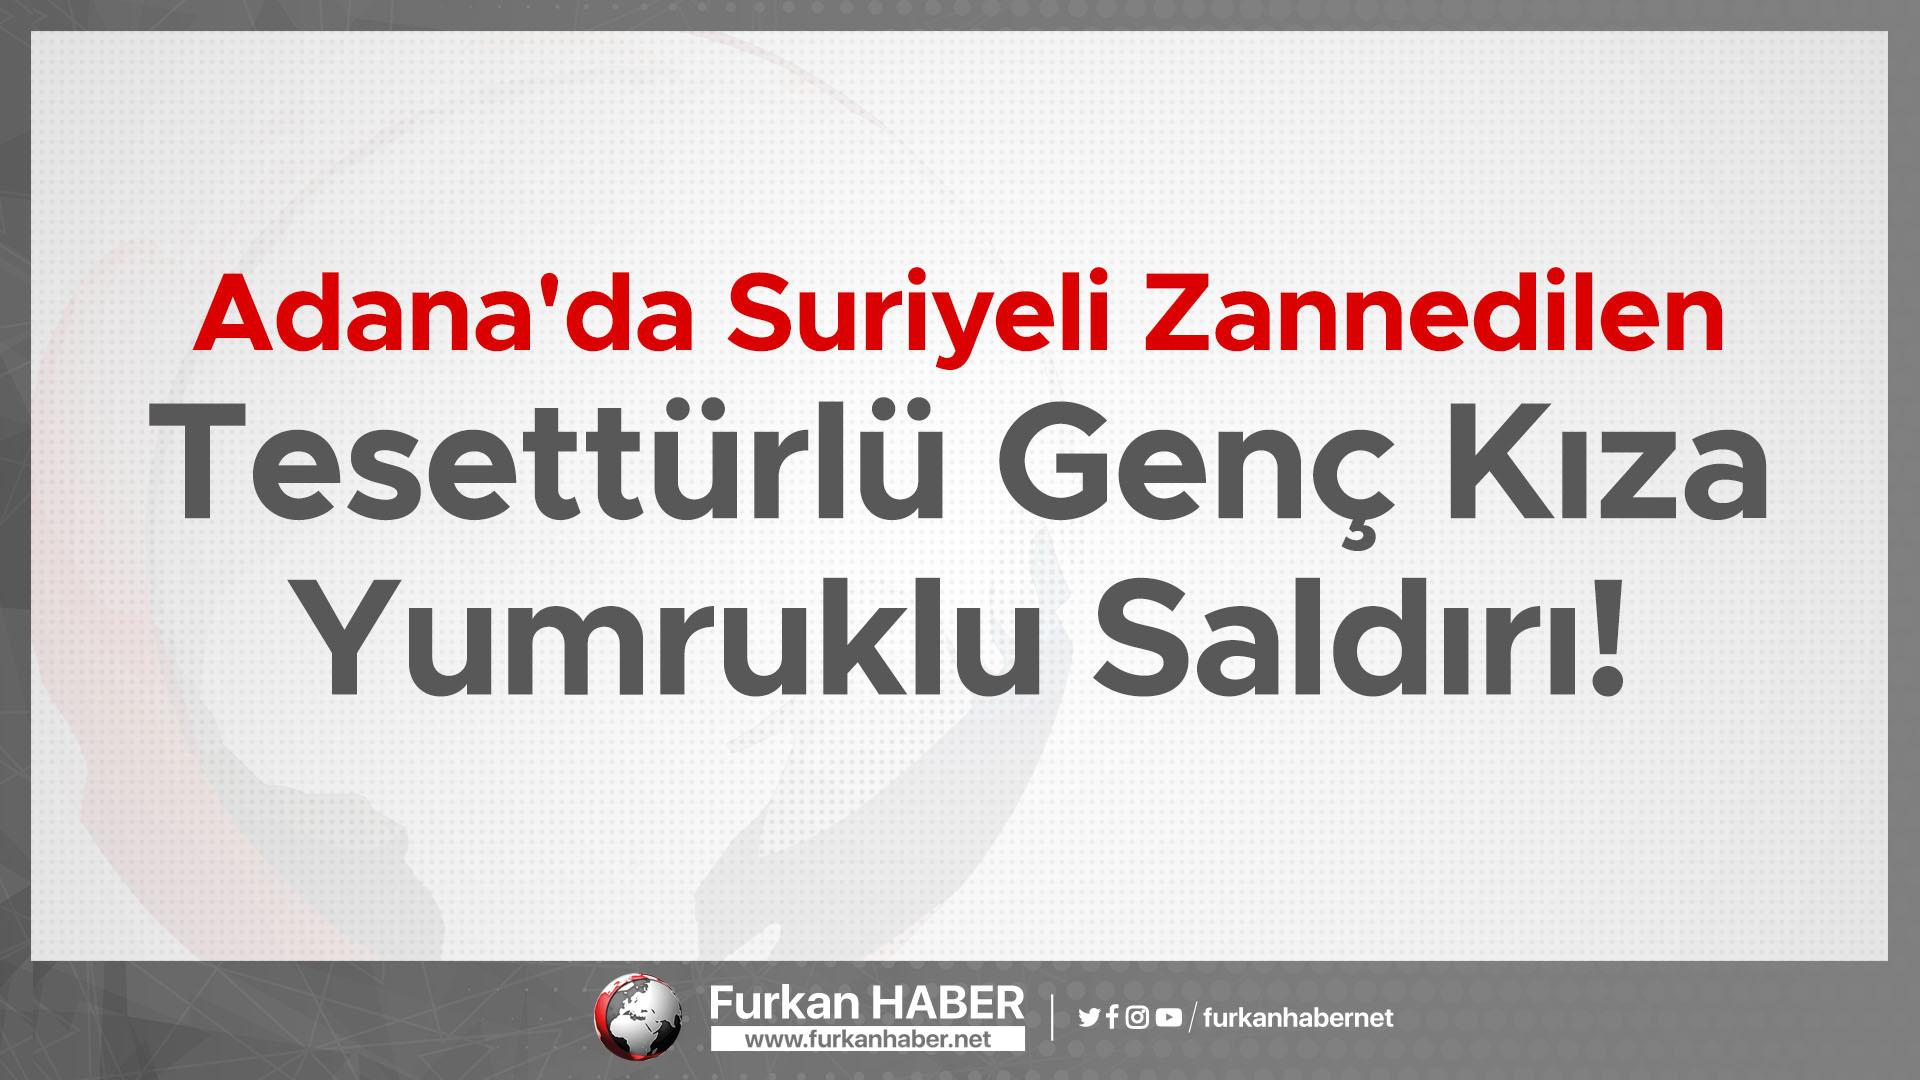 Adana'da Suriyeli Zannedilen Tesettürlü Genç Kıza Yumruklu Saldırı!